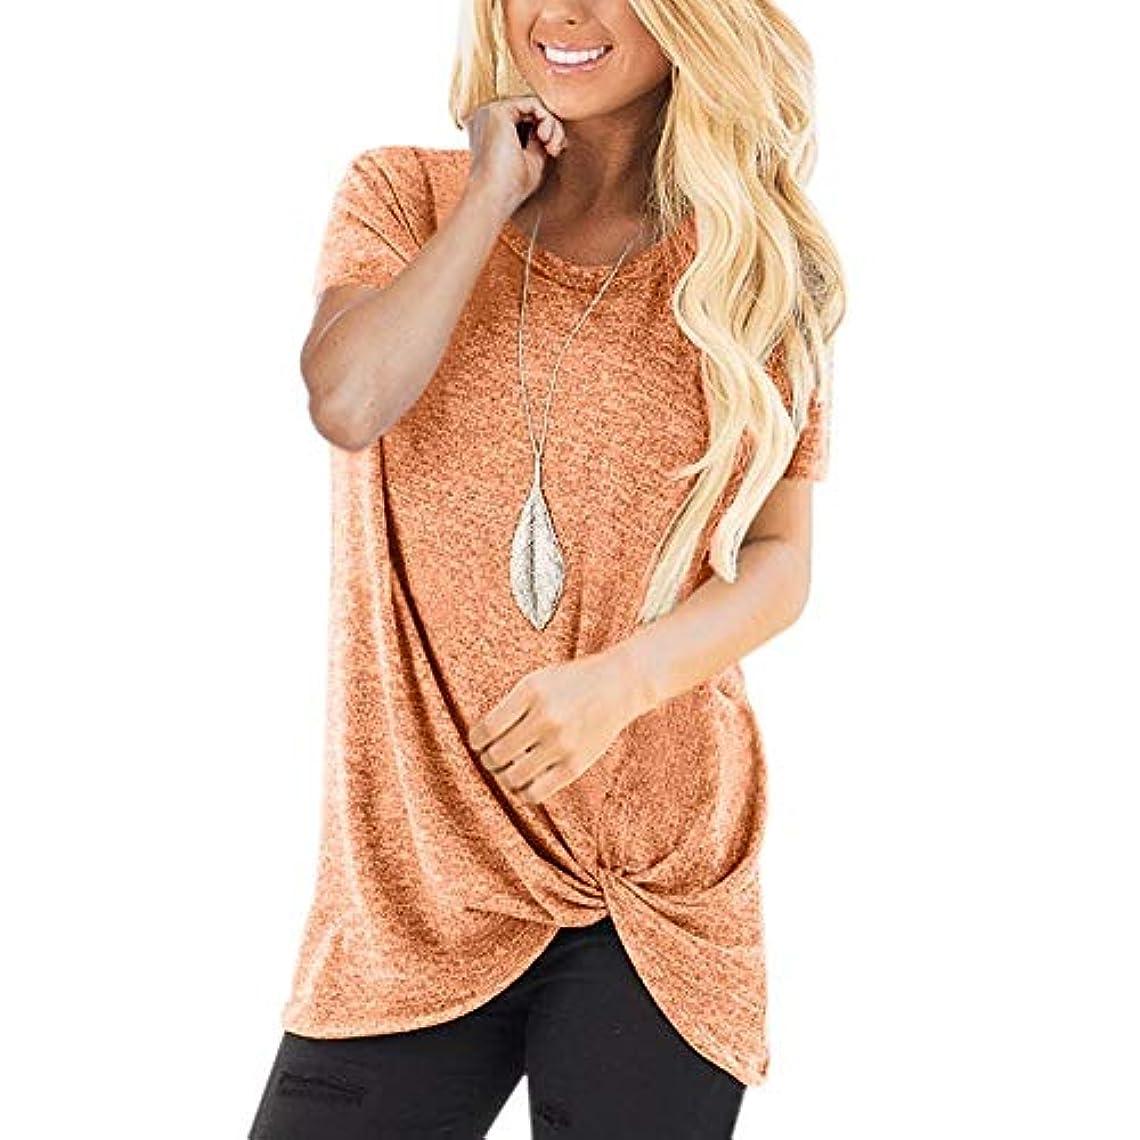 背の高い清める正統派MIFAN コットンTシャツ、カジュアルTシャツ、レディースブラウス、トップス&Tシャツ、プラスサイズ、ルーズtシャツ